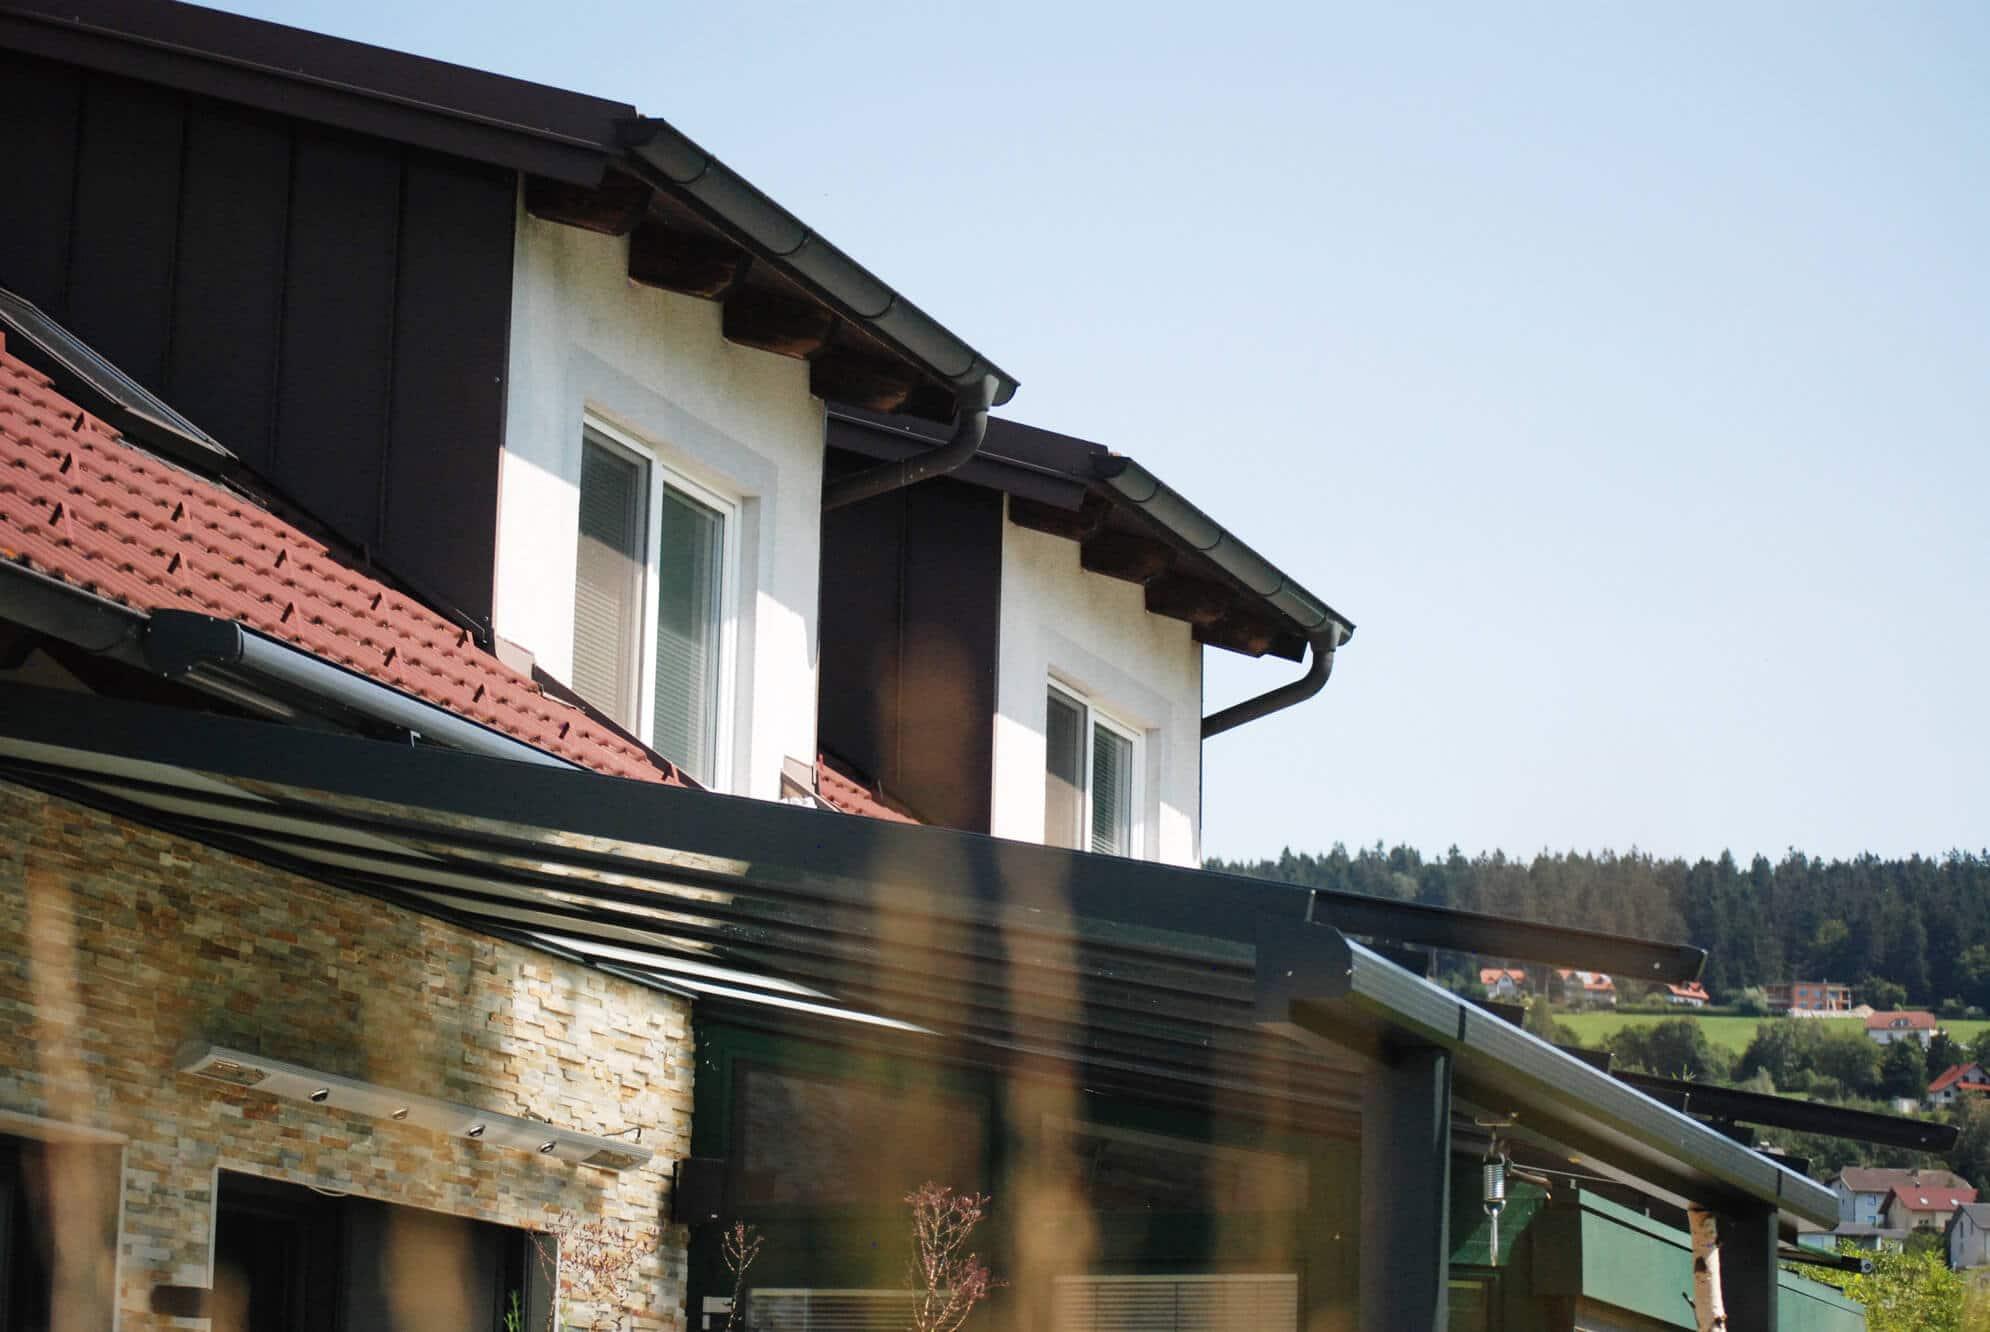 Beispielbilder einer Terrassenüberdachung mit Infrarot Heizstrahler an Wand montiert